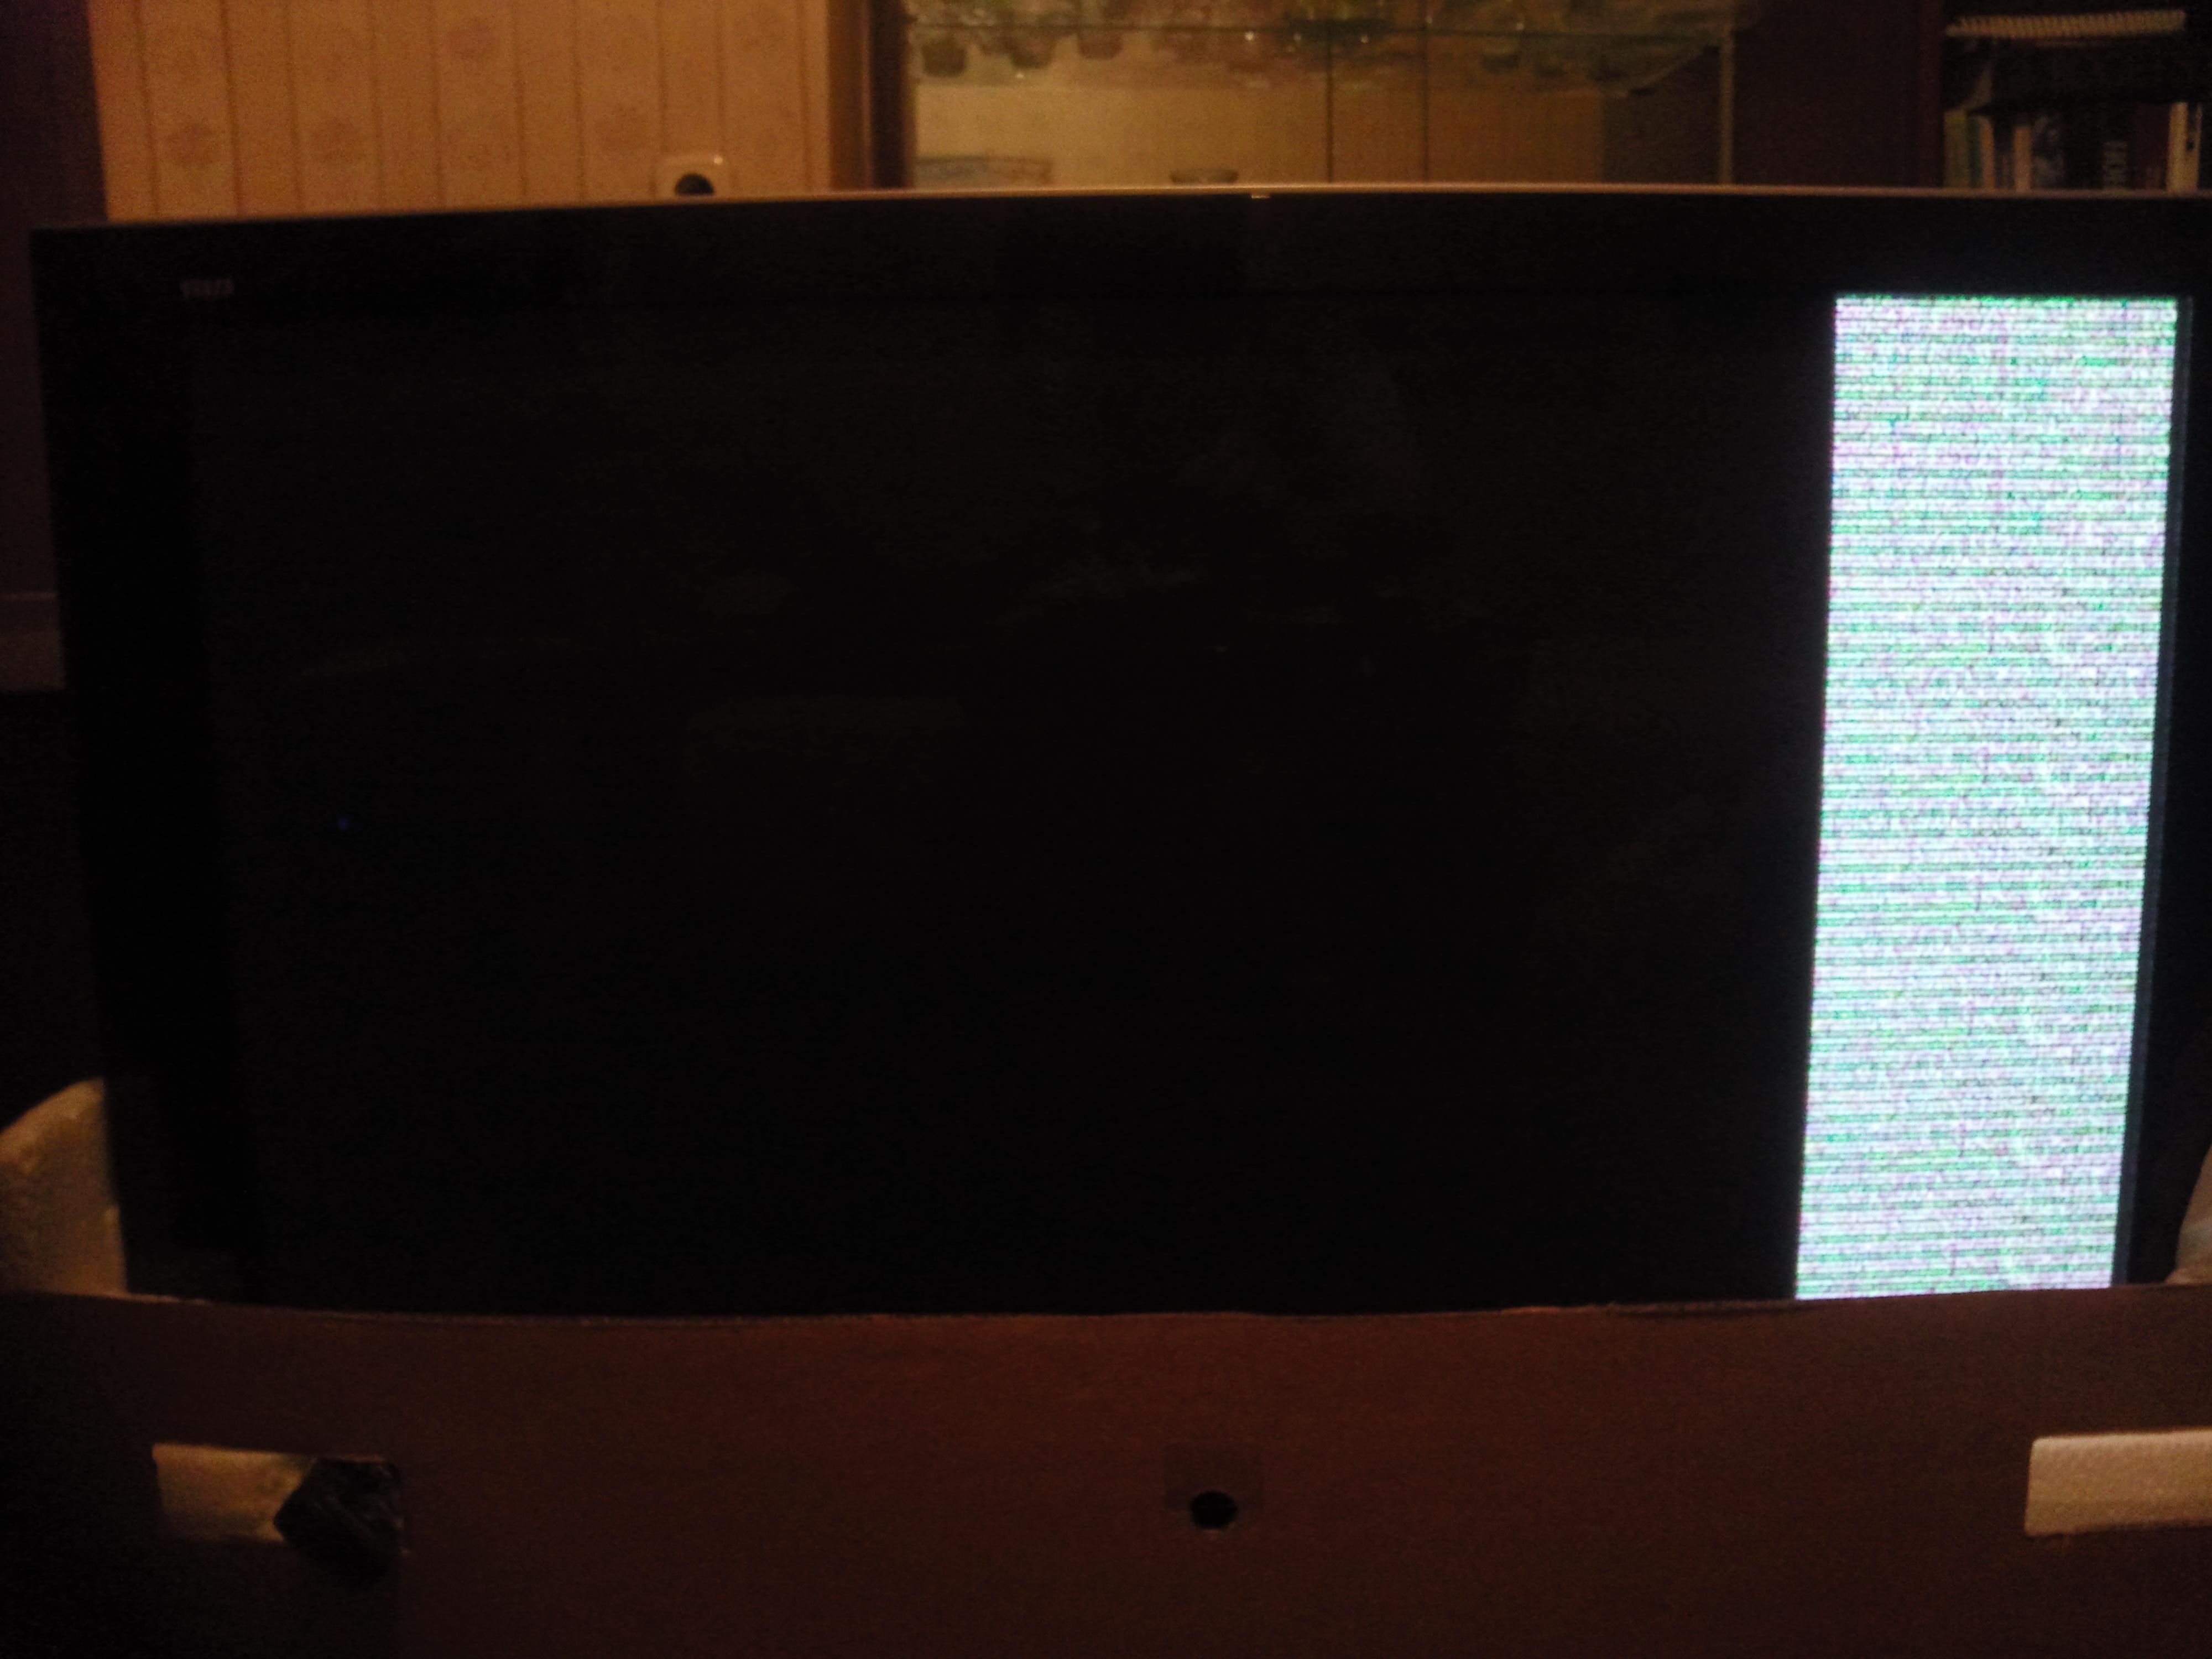 Как из широкого экрана сделать квадратный